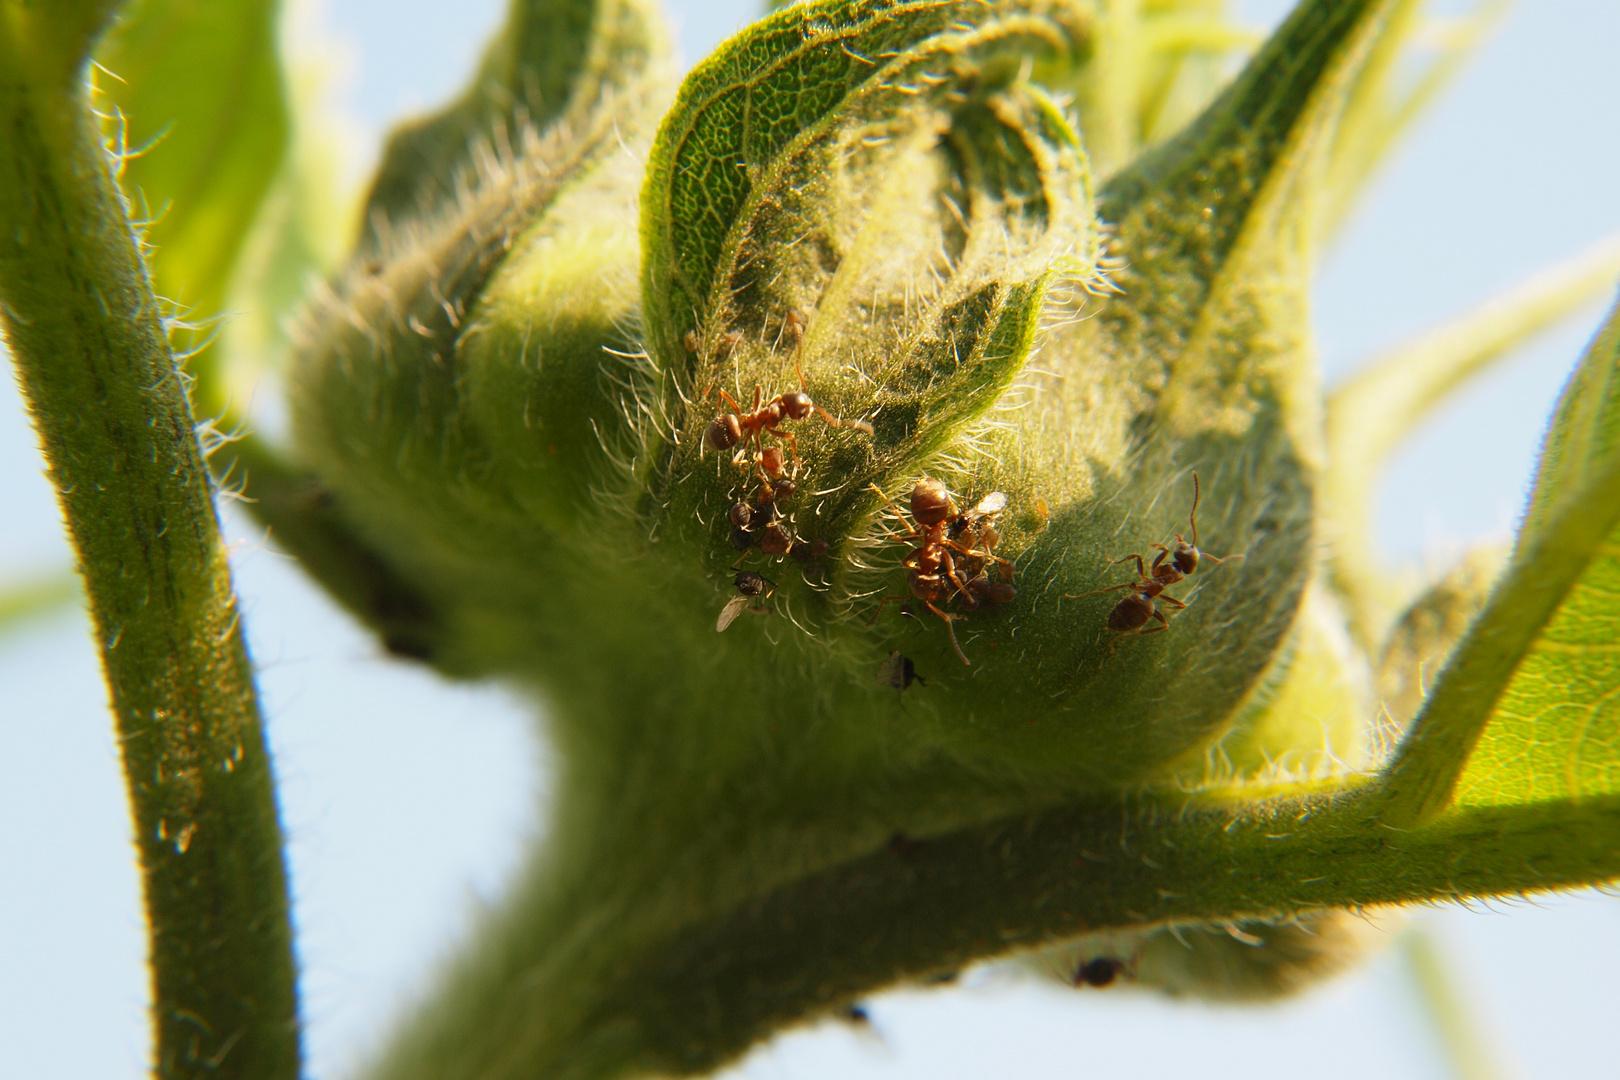 Ameisen auf Sonnenblumenknospe bei der Arbeit